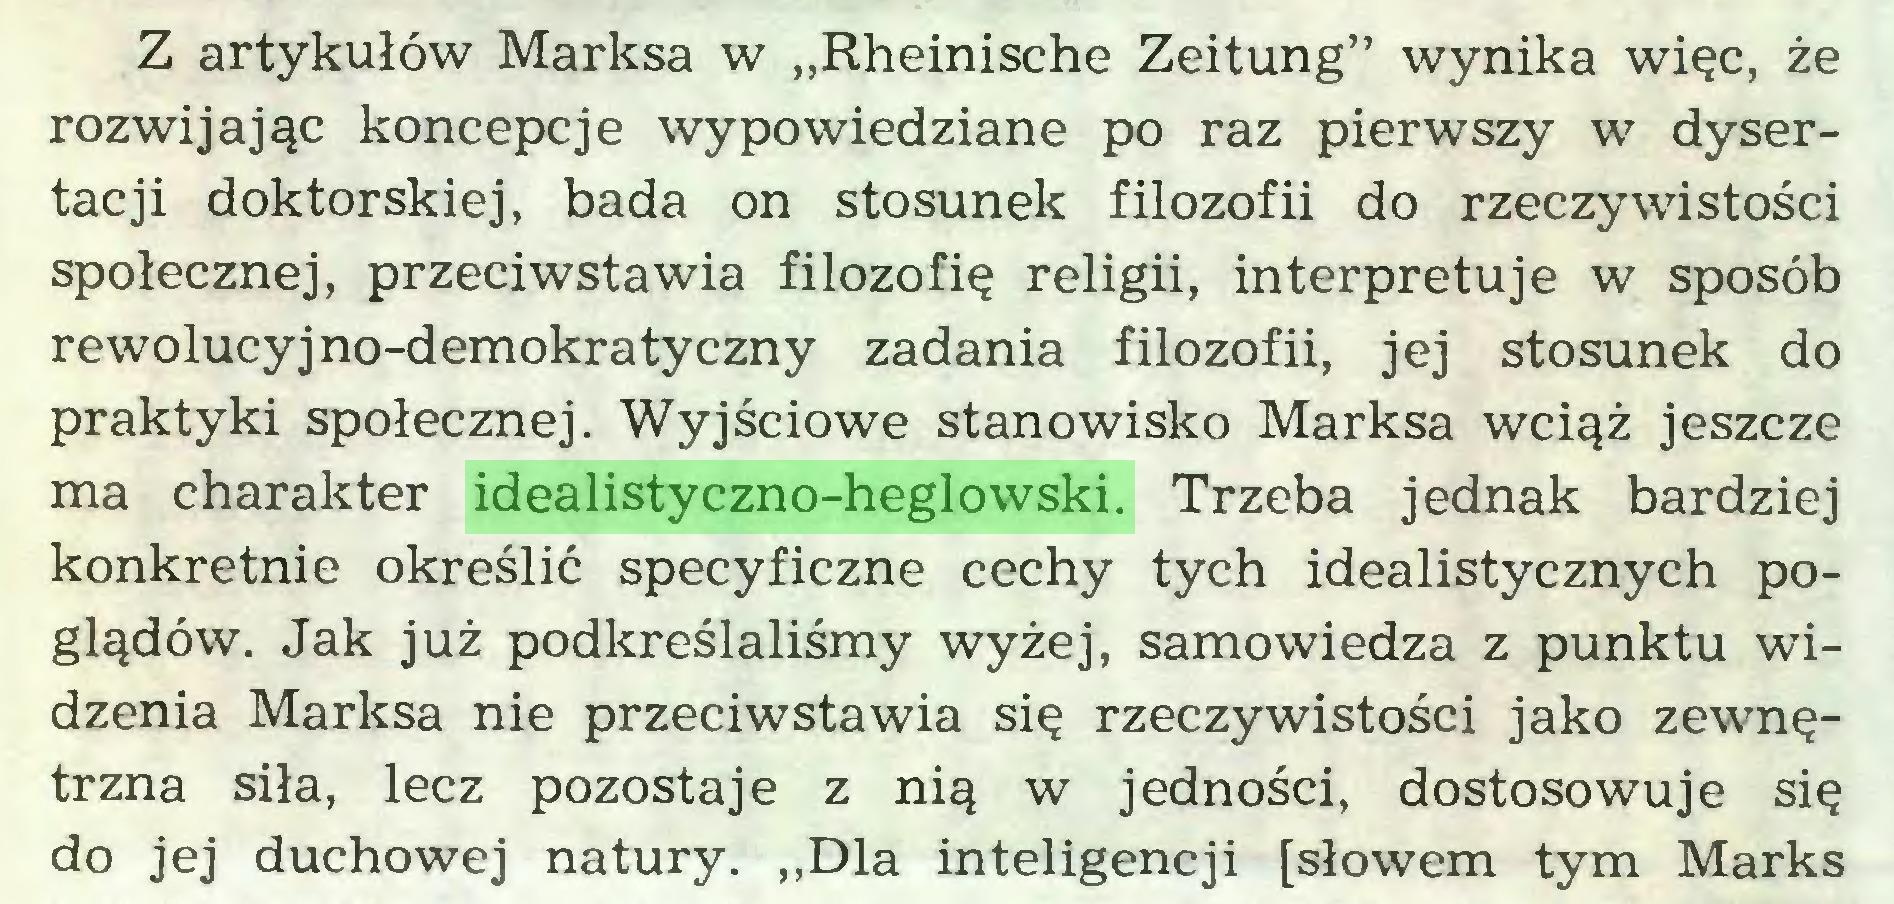 """(...) Z artykułów Marksa w ,,Rheinische Zeitung"""" wynika więc, że rozwijając koncepcje wypowiedziane po raz pierwszy w dysertacji doktorskiej, bada on stosunek filozofii do rzeczywistości społecznej, przeciwstawia filozofię religii, interpretuje w sposób rewolucyjno-demokratyczny zadania filozofii, jej stosunek do praktyki społecznej. Wyjściowe stanowisko Marksa wciąż jeszcze ma charakter idealistyczno-heglowski. Trzeba jednak bardziej konkretnie określić specyficzne cechy tych idealistycznych poglądów. Jak już podkreślaliśmy wyżej, samowiedza z punktu widzenia Marksa nie przeciwstawia się rzeczywistości jako zewnętrzna siła, lecz pozostaje z nią w jedności, dostosowuje się do jej duchowej natury. """"Dla inteligencji [słowem tym Marks..."""